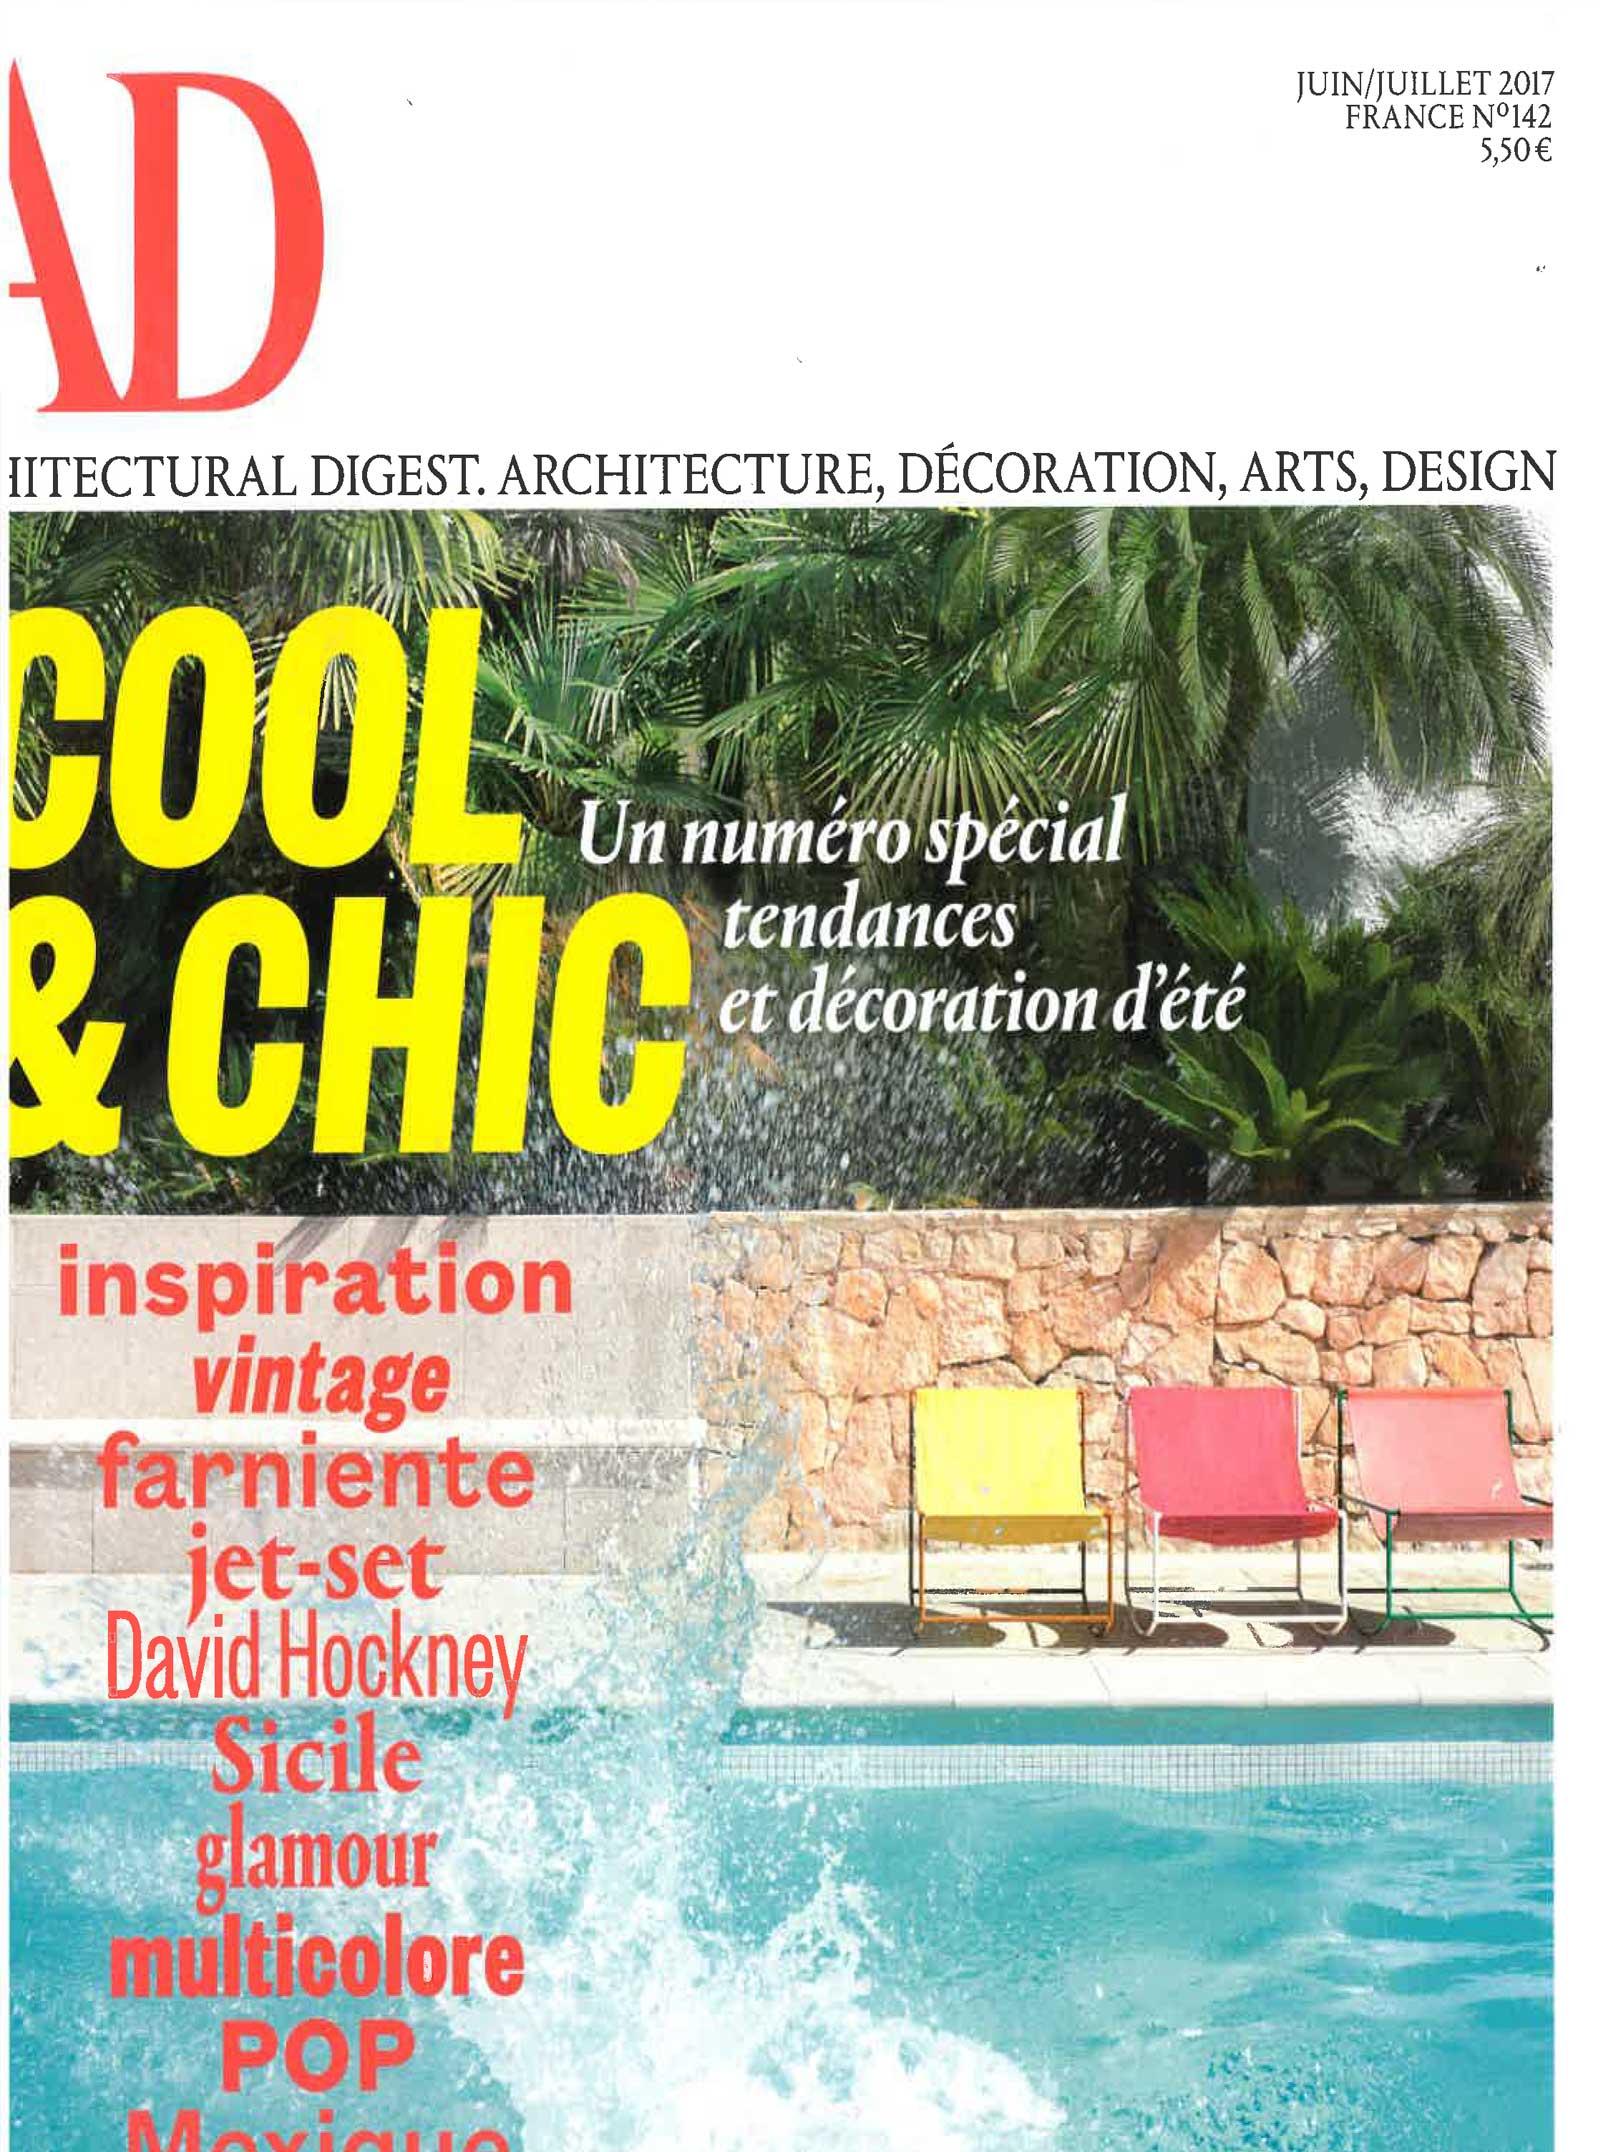 Art Et Decoration Juin 2017 ad - france   cc-tapis